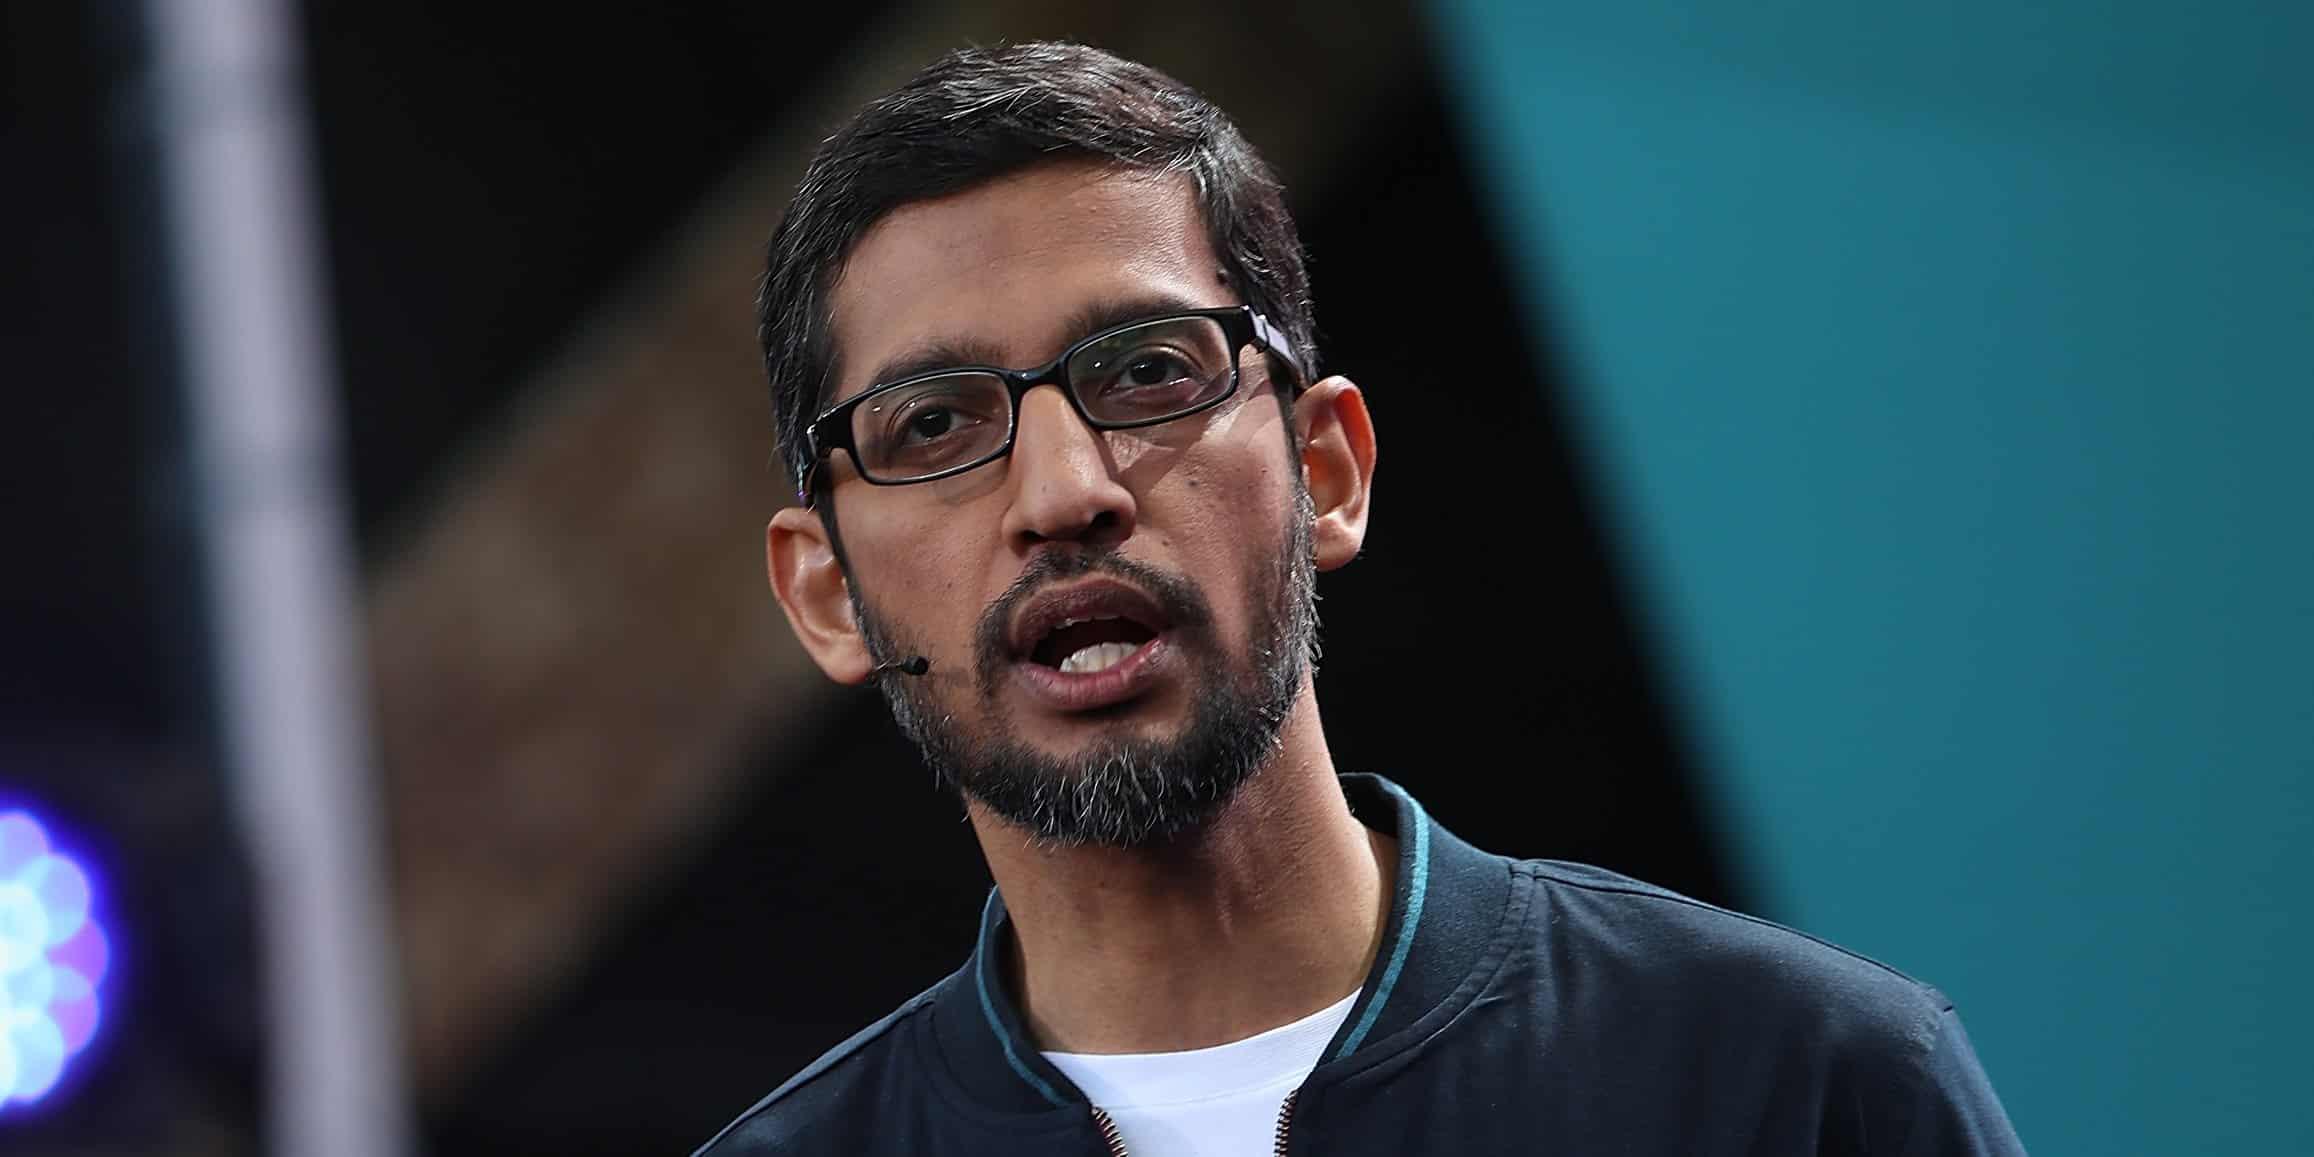 Cựu nhân viên tiết lộ Google can thiệp bầu cử 2016 và 2020 chống Trump